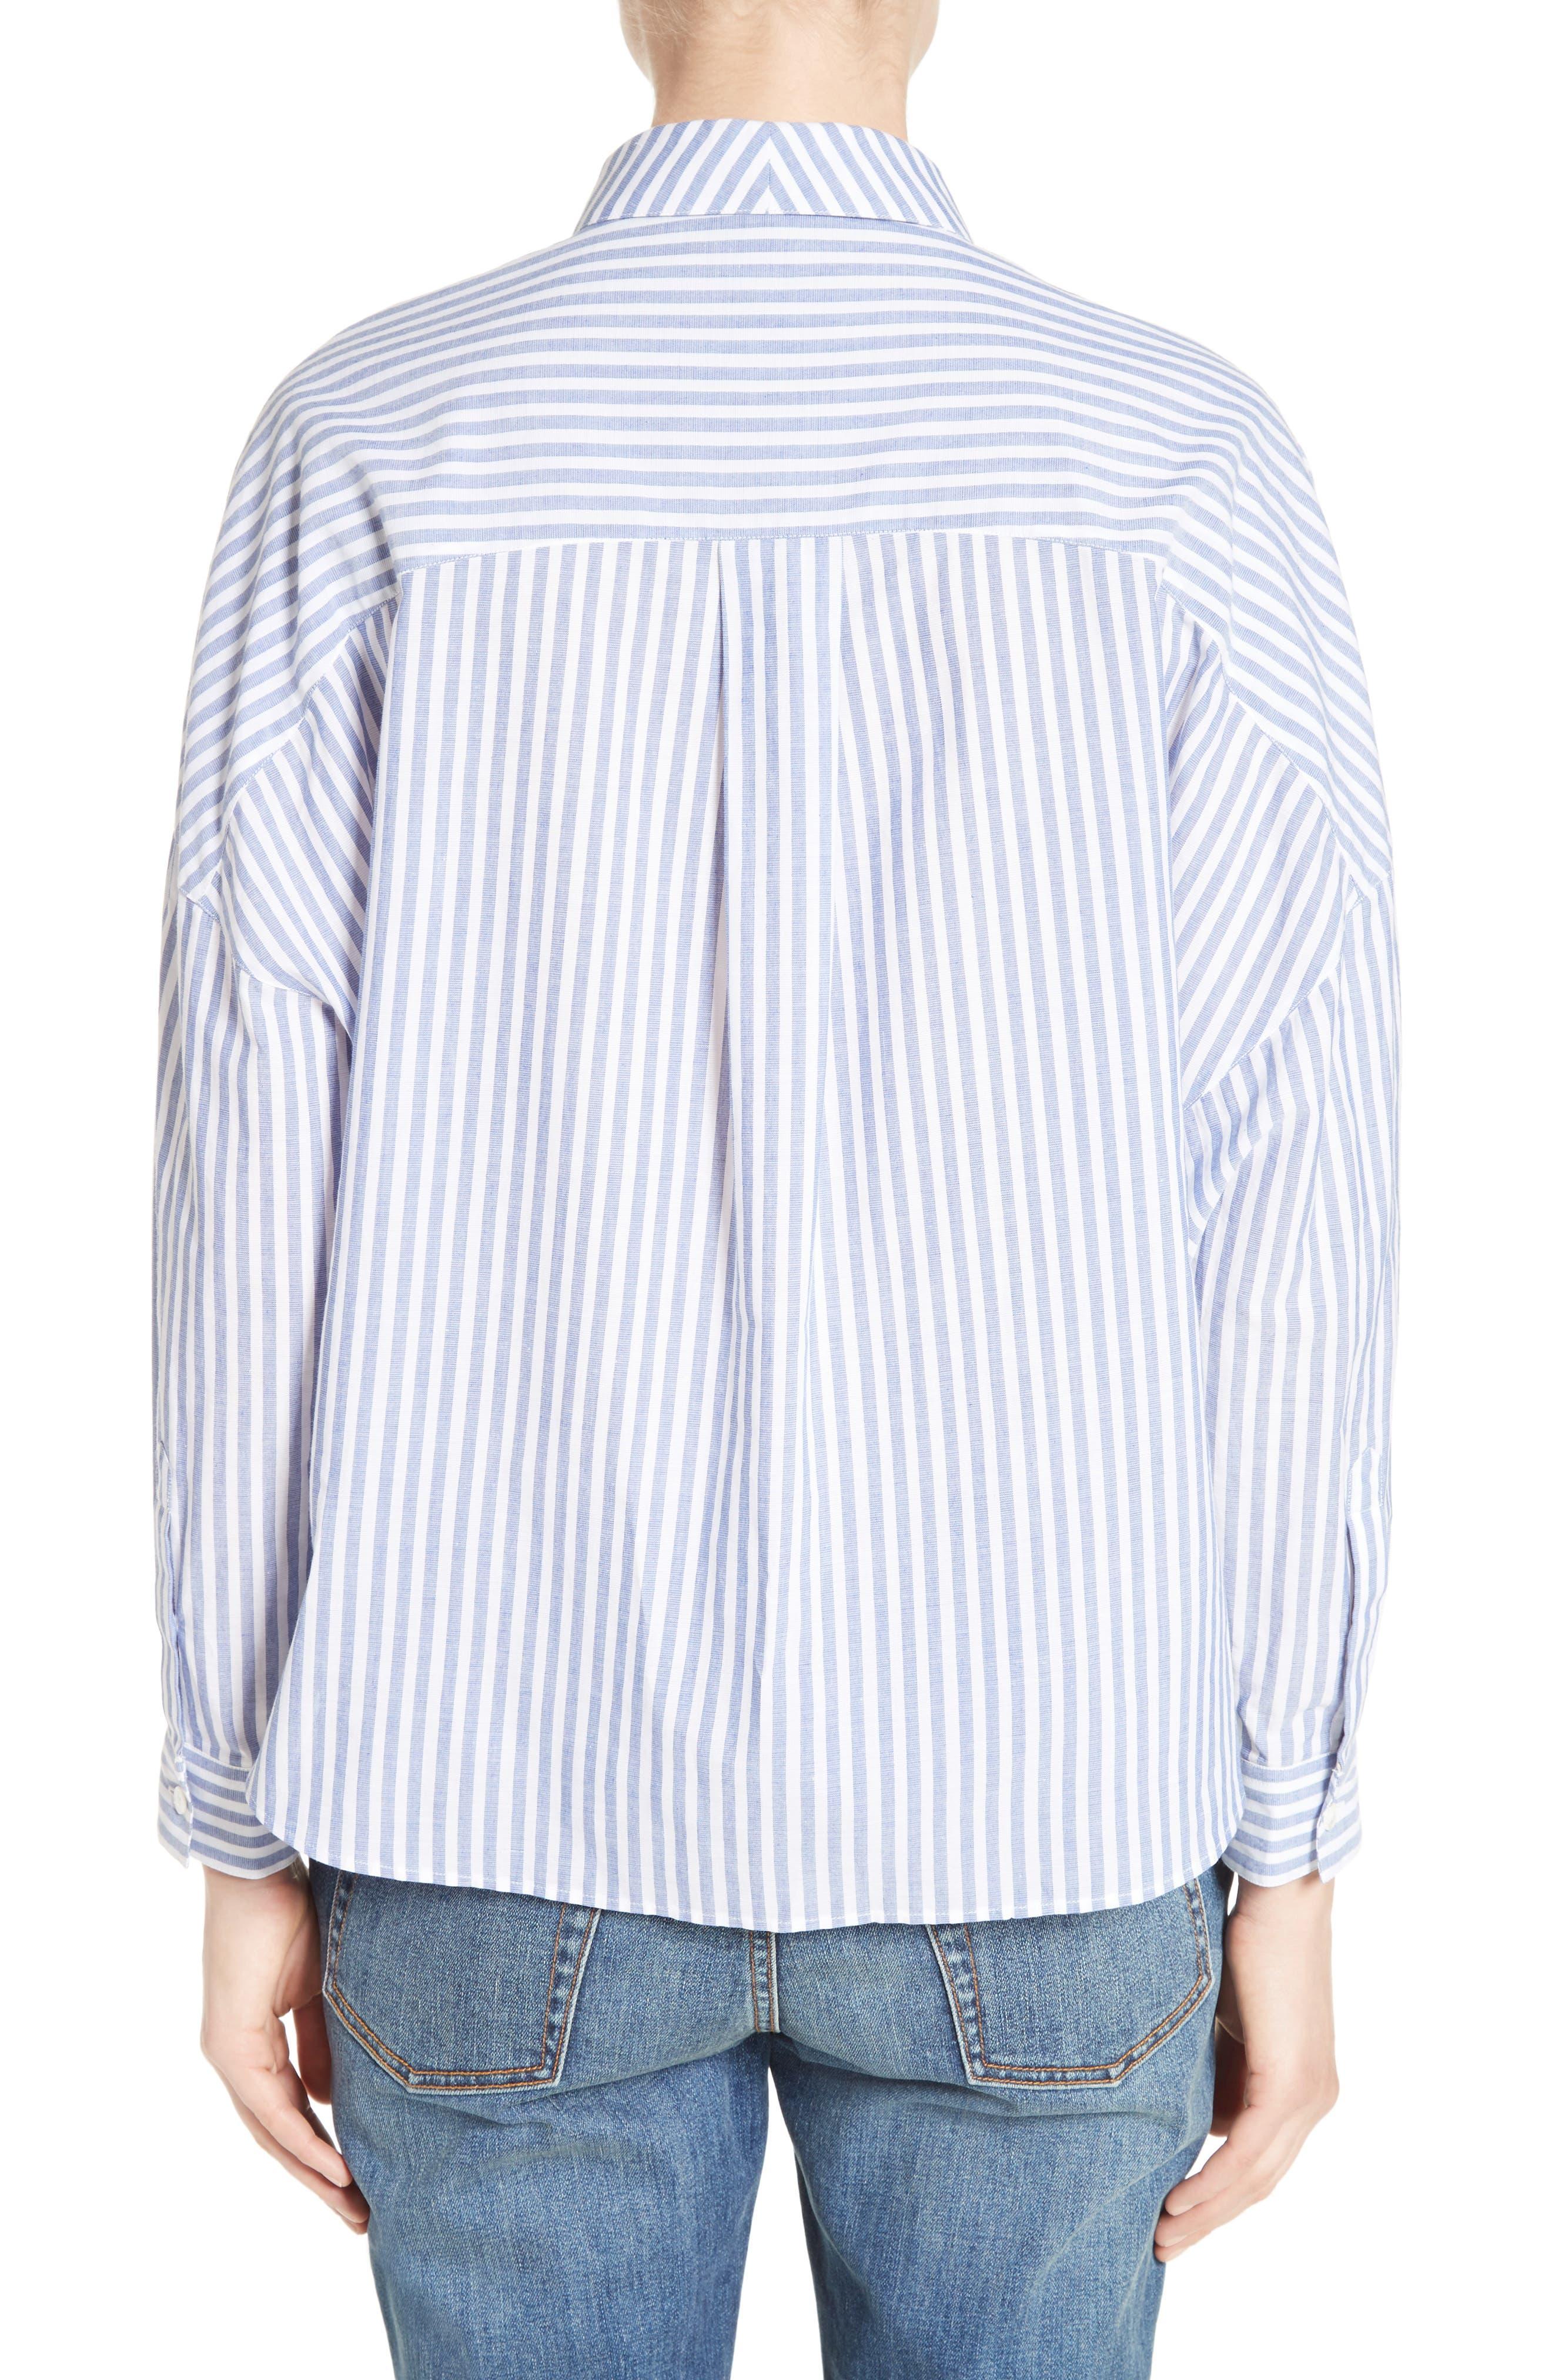 Posy Stripe Bib Boyfriend Shirt,                             Alternate thumbnail 2, color,                             456